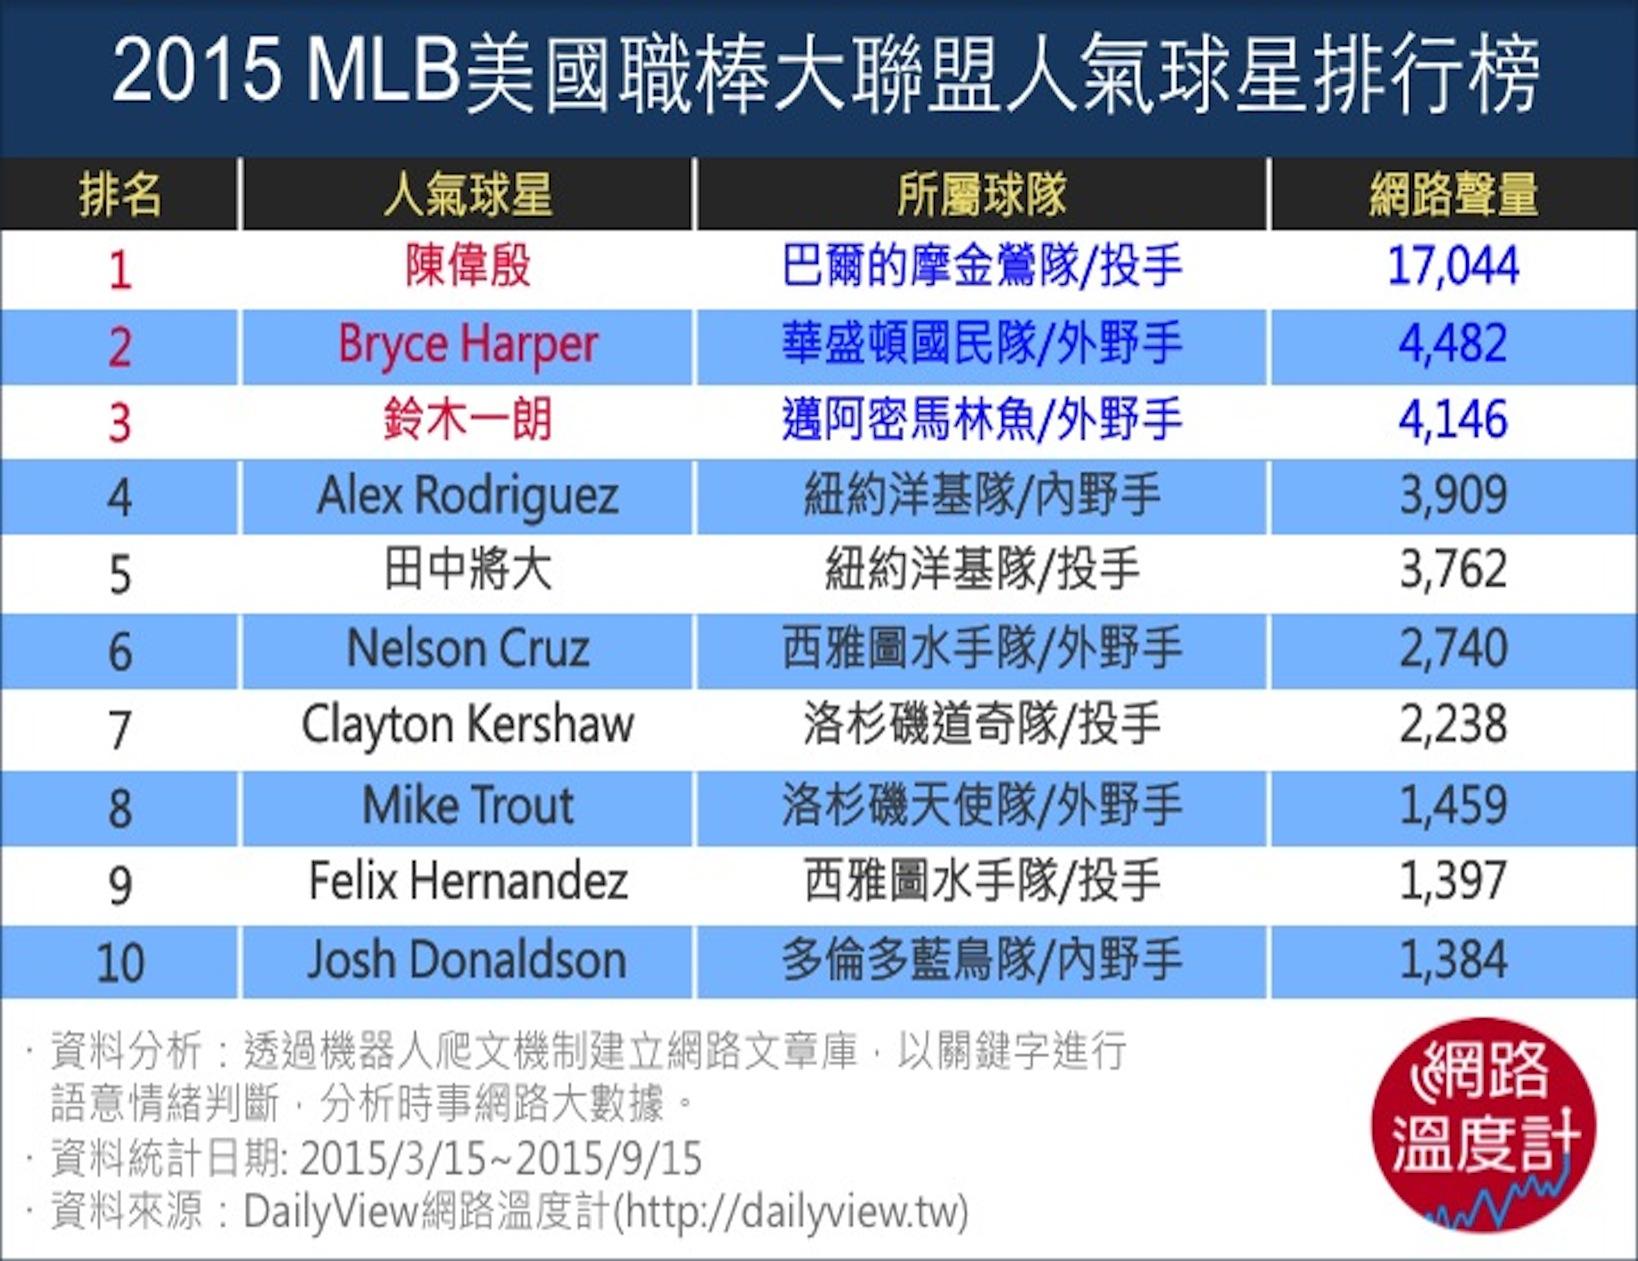 2015MLB美國職棒大聯盟人氣球星排行榜